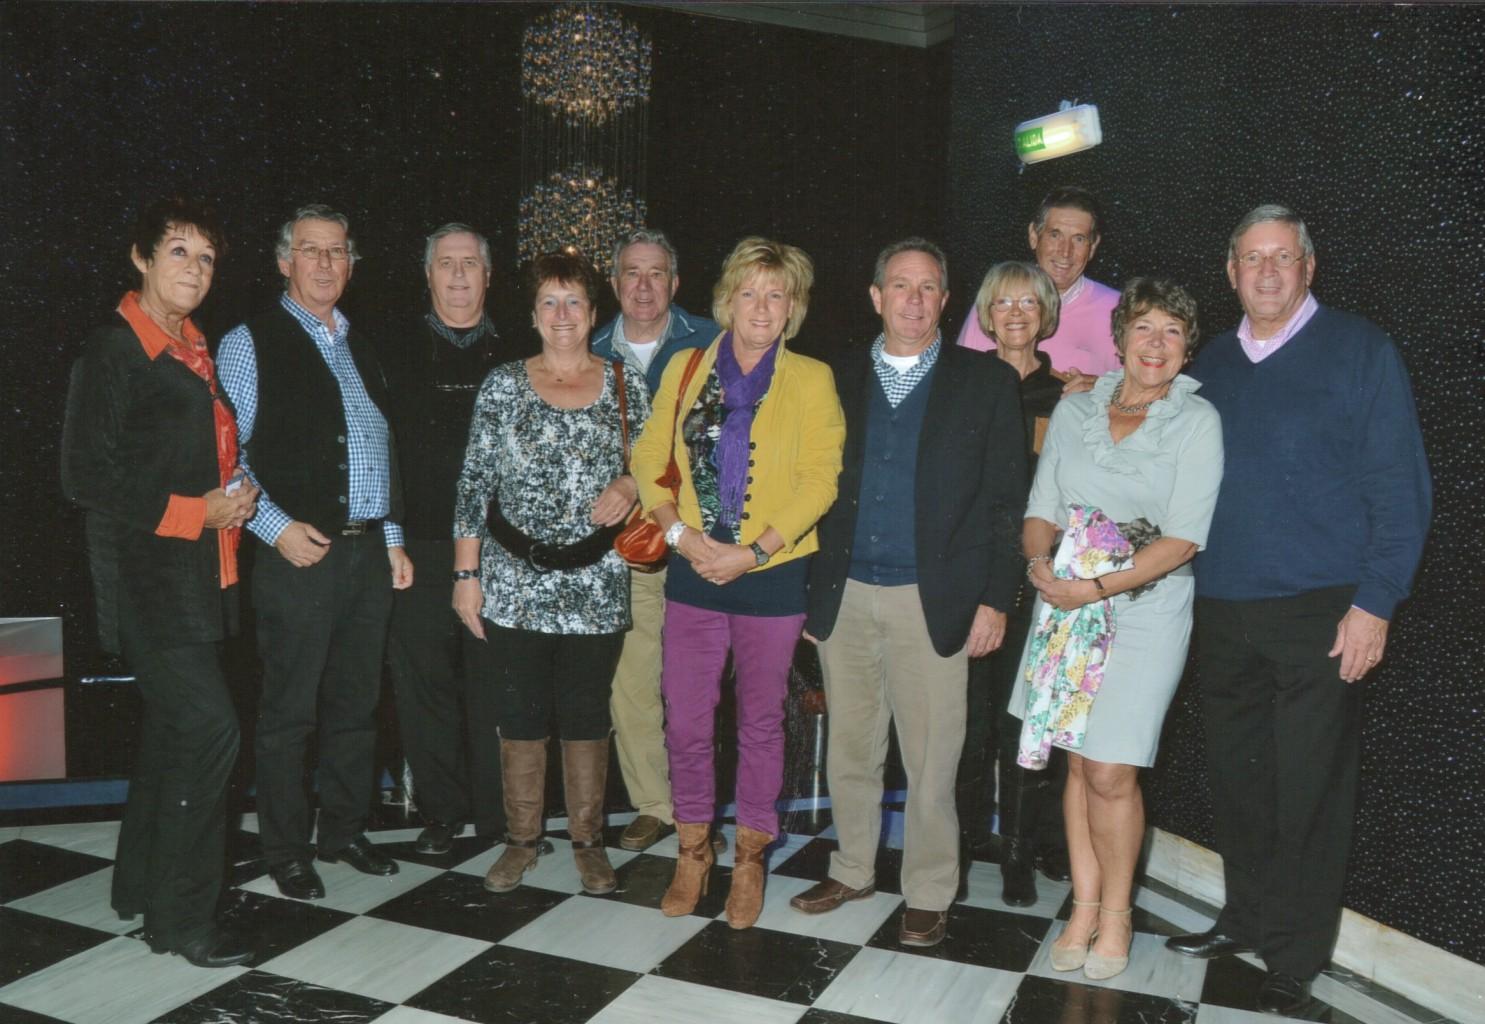 Links naar rechts: Tiny en Hans Bauerlein, Hans Smedema, Bep en Theo van Mierlo, Joke Laven en André Gruters, Marian en Hans Stigter, vriendin en Piet Stigter.